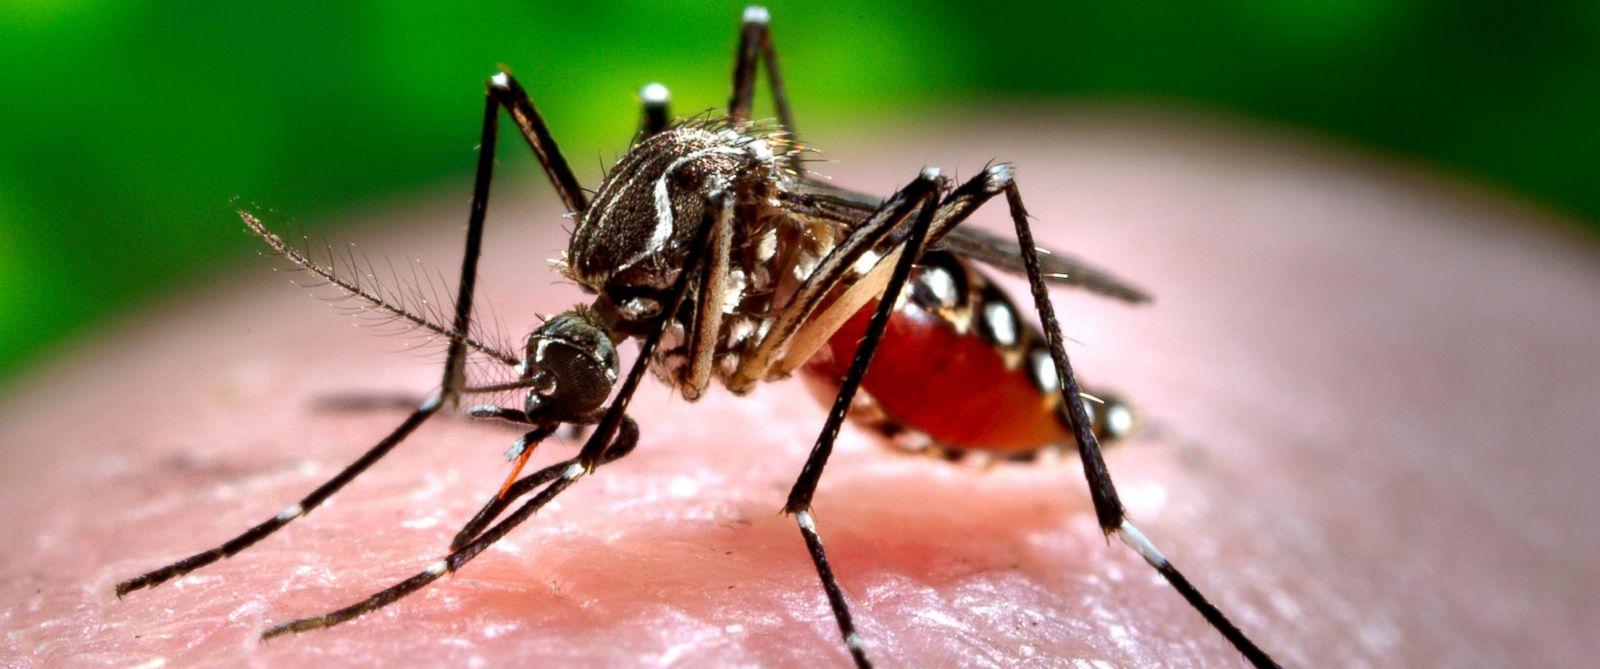 Những điều cần biết và cách phòng tránh virus Zika